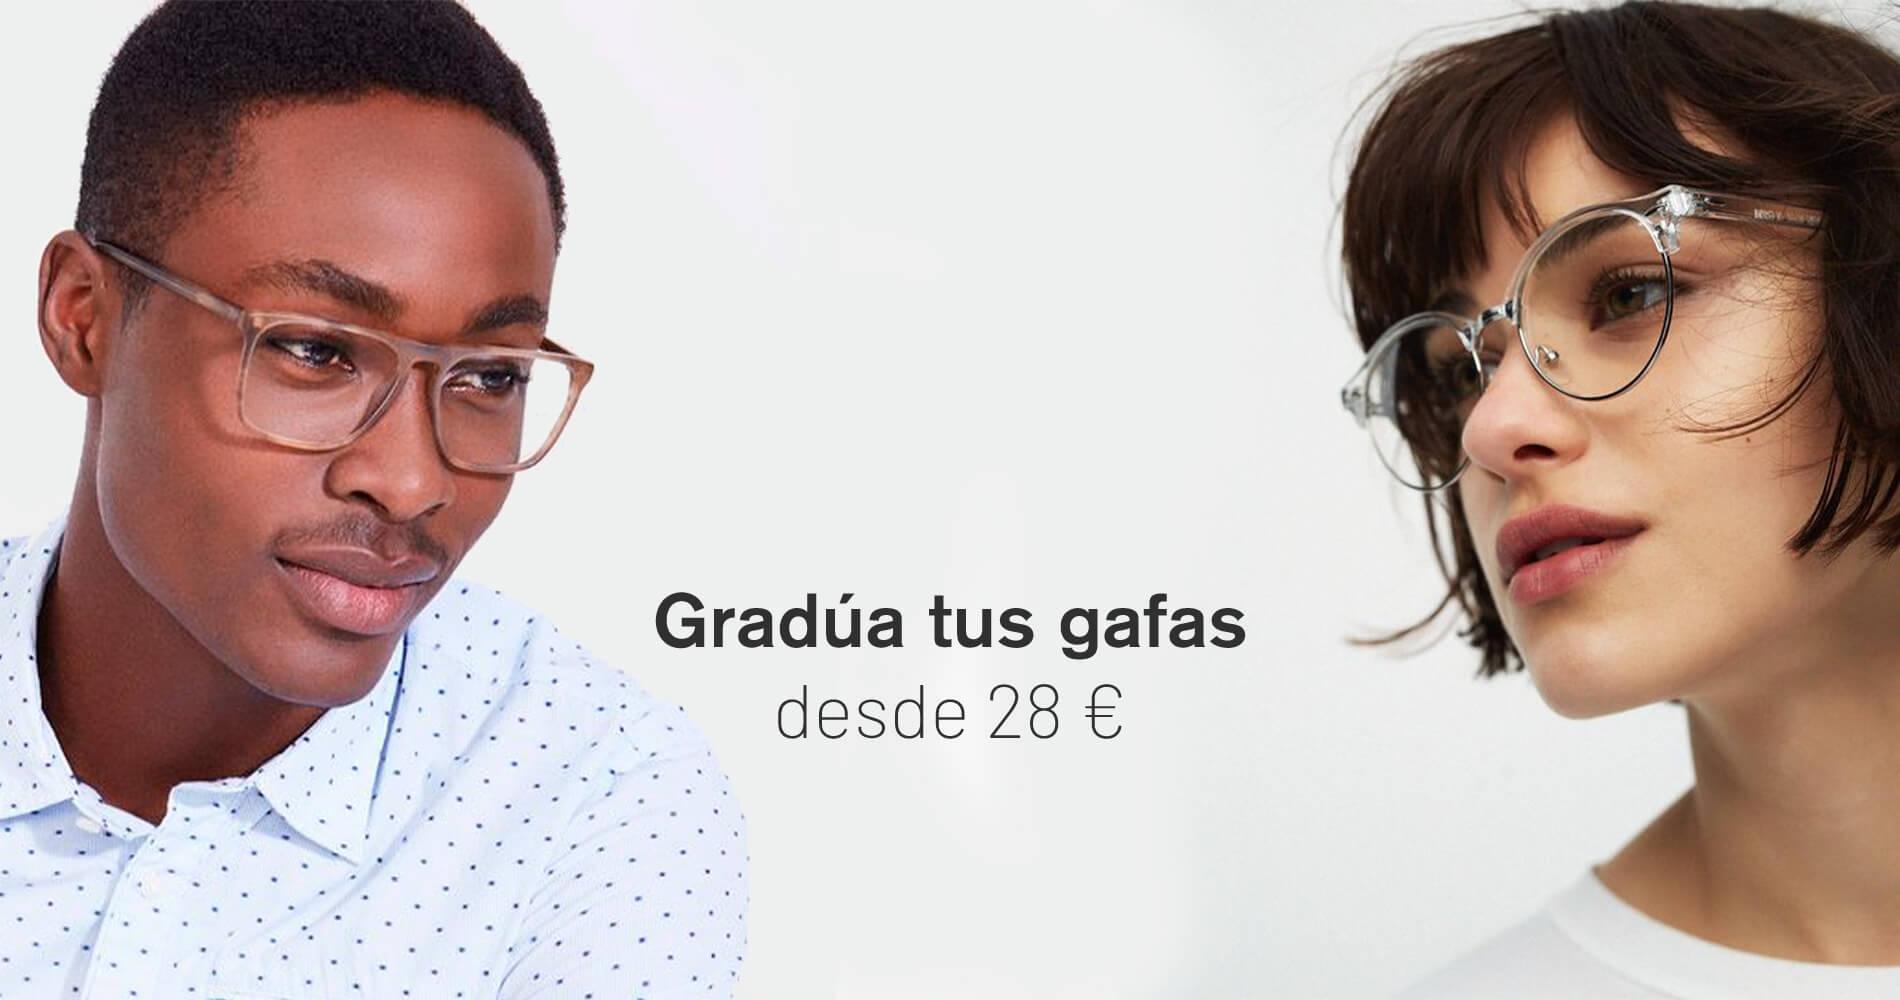 Gradúa tus gafas